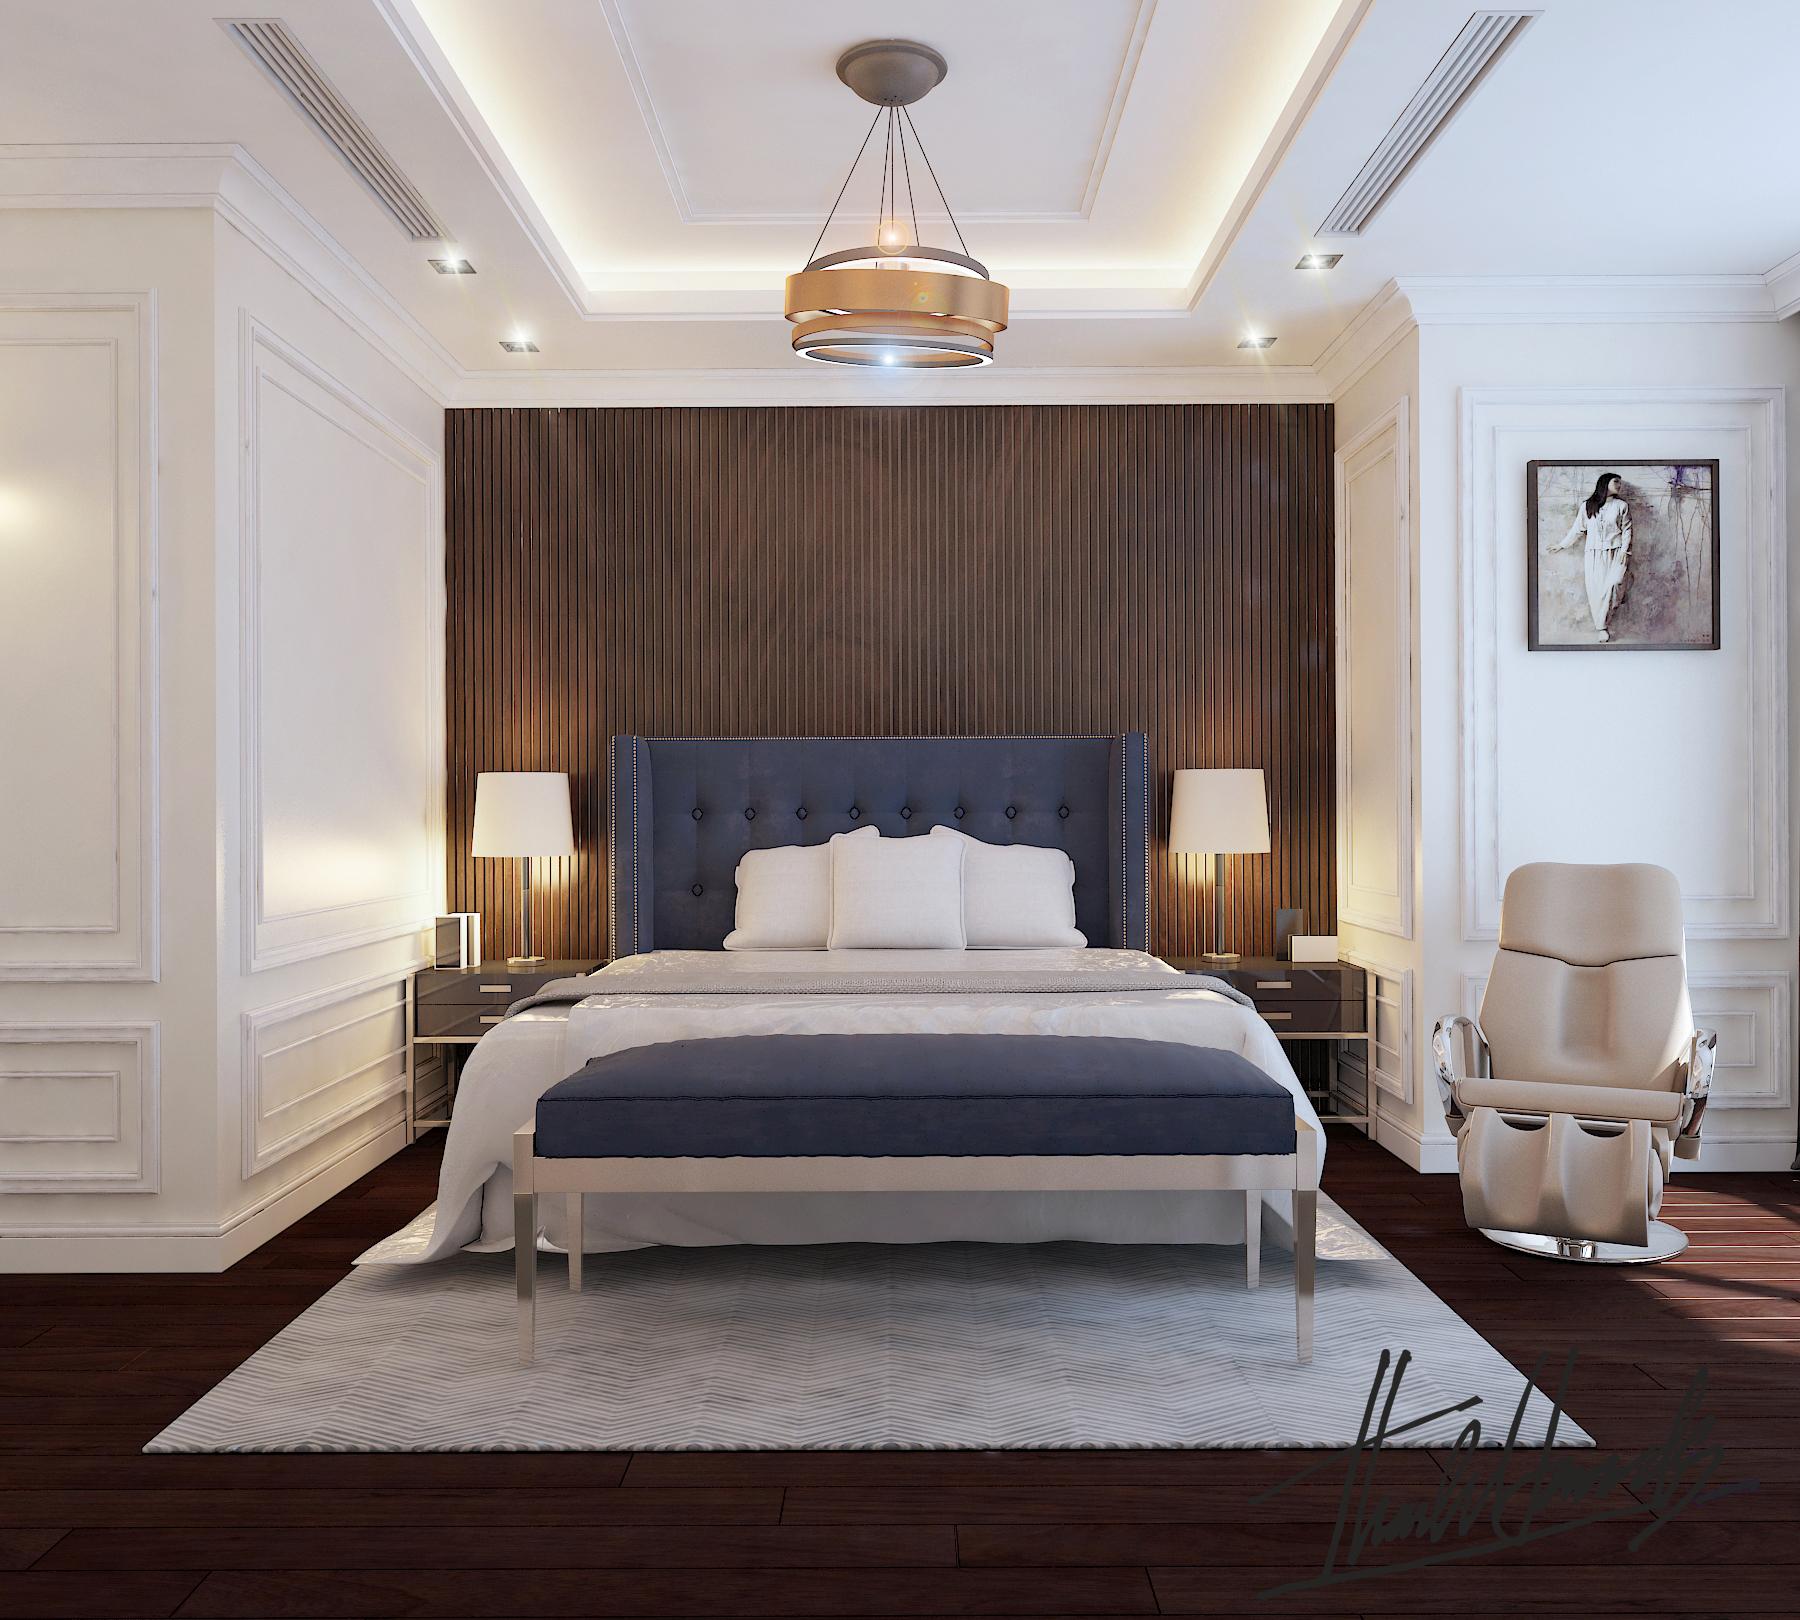 thiết kế nội thất chung cư tại Hà Nội chung cu royacity 13 1568191830